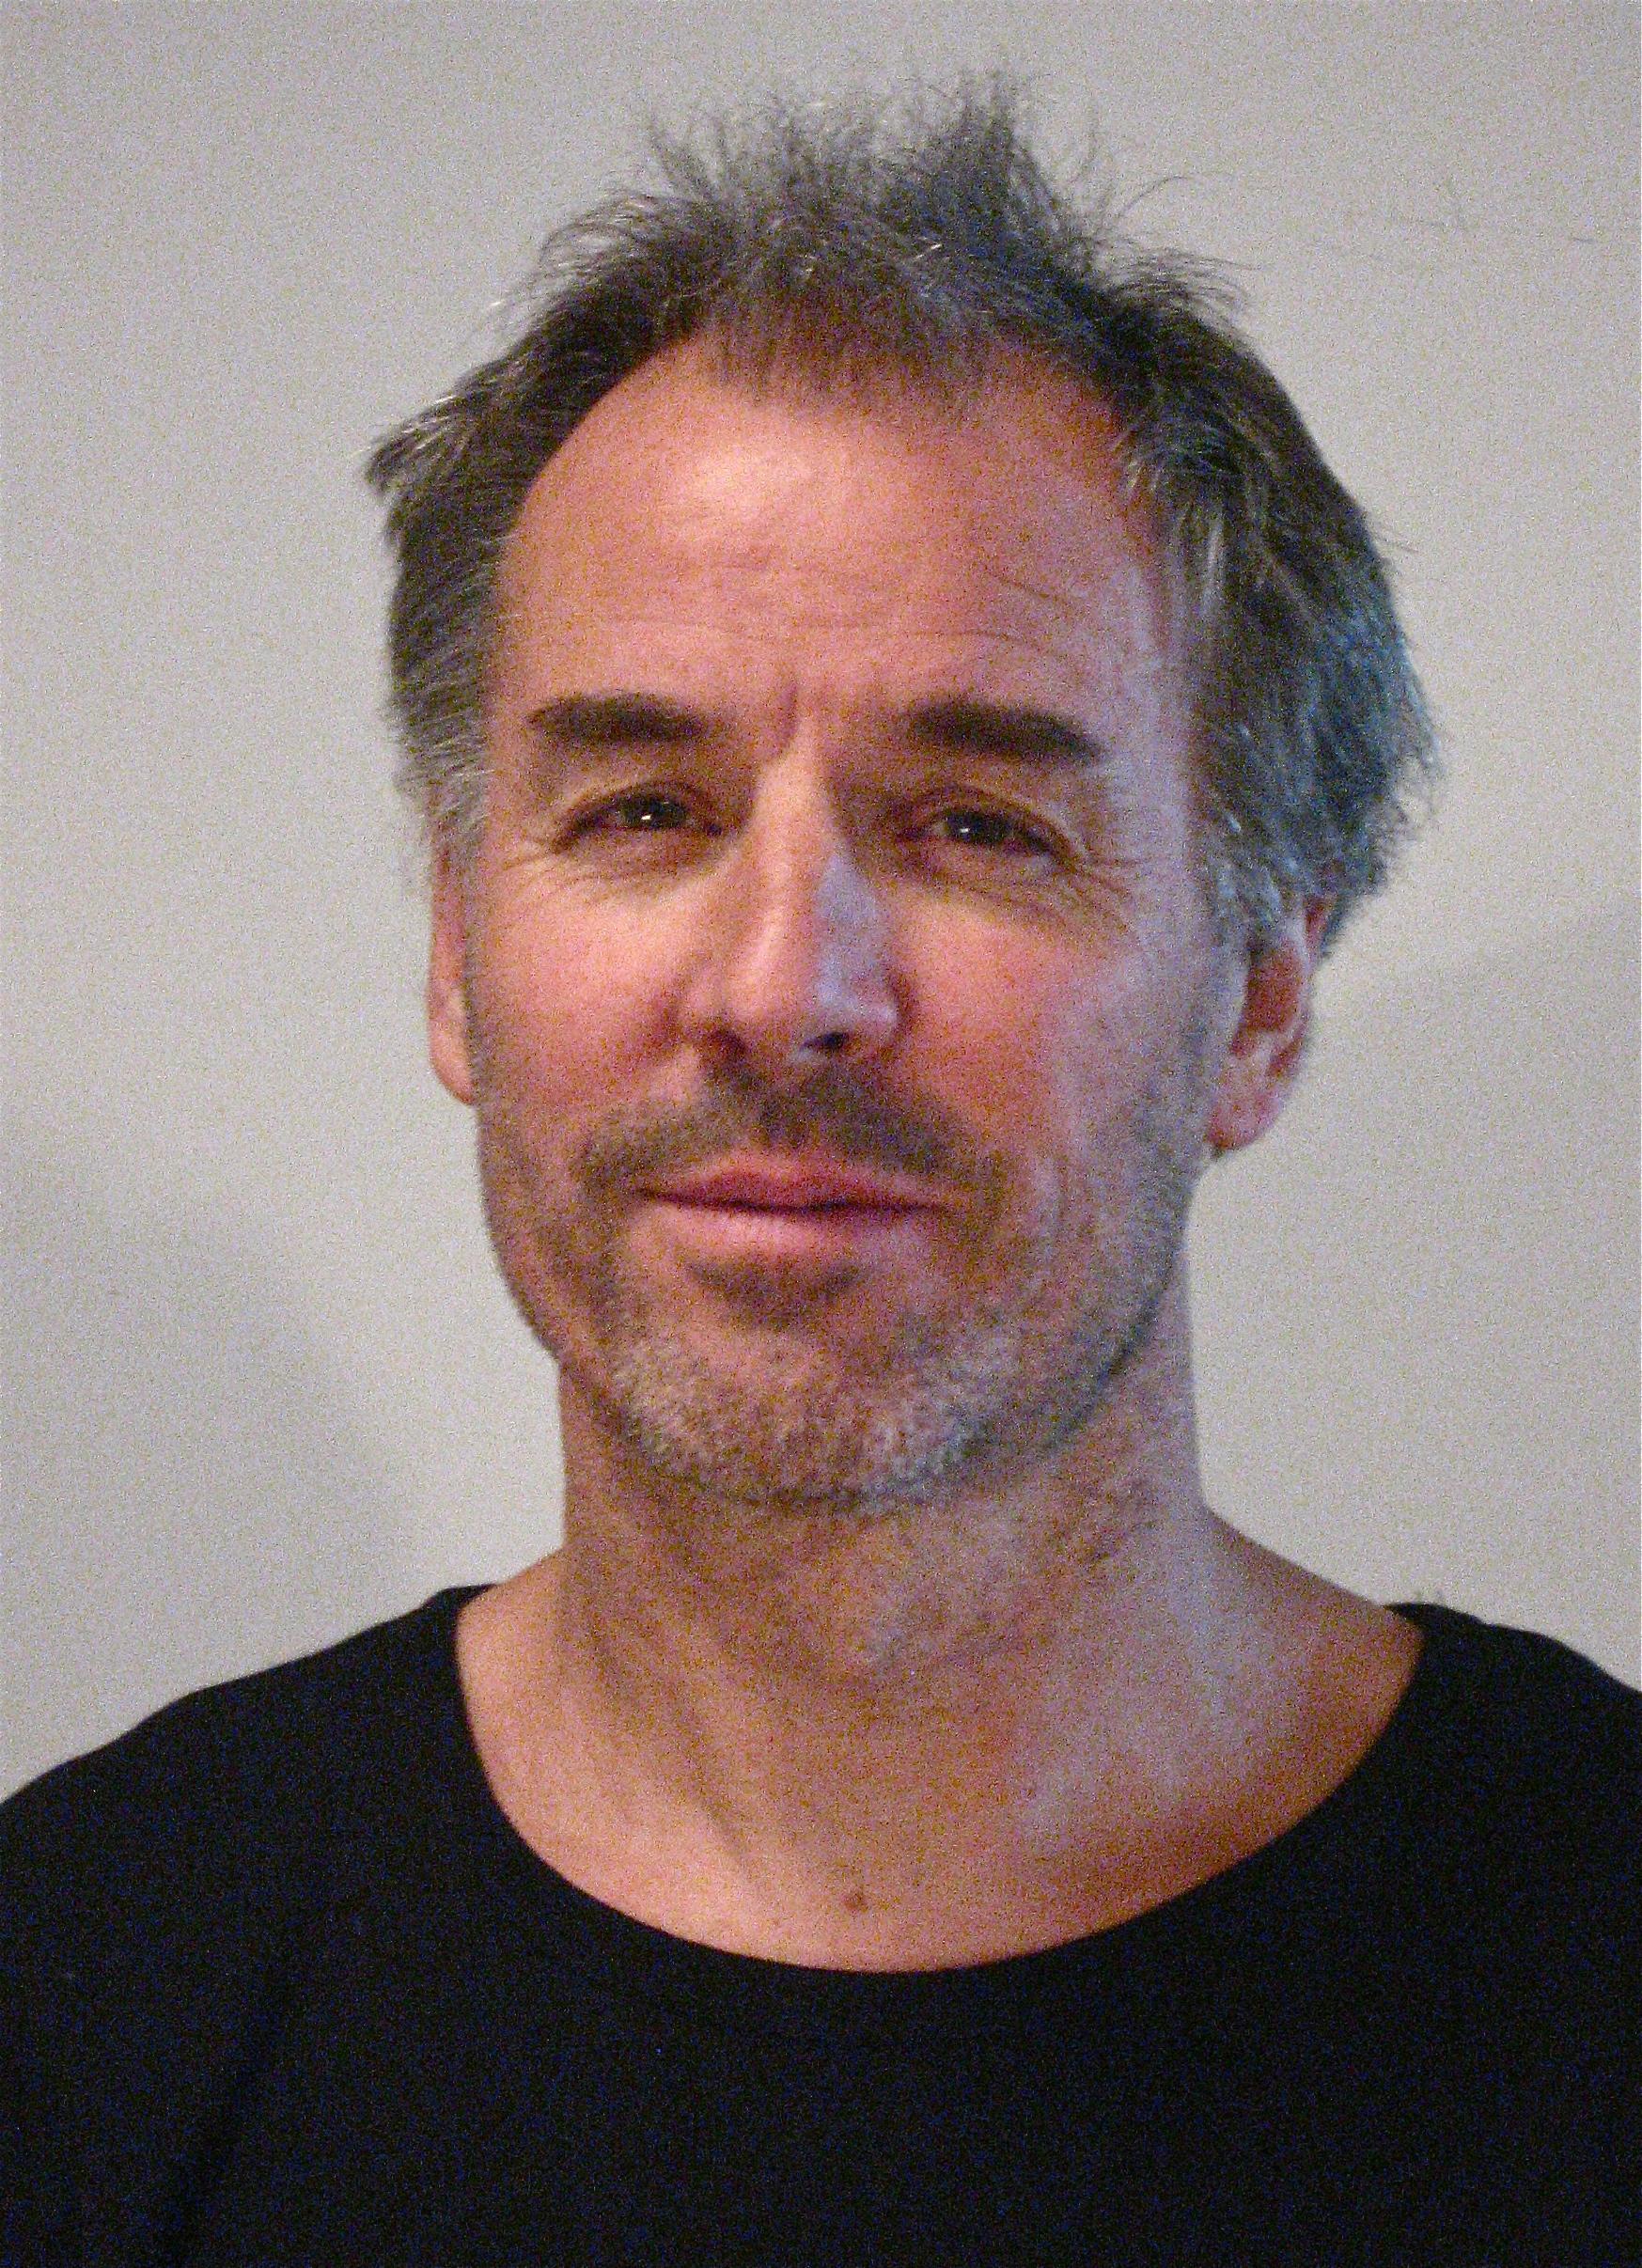 Helmut Sennhauser